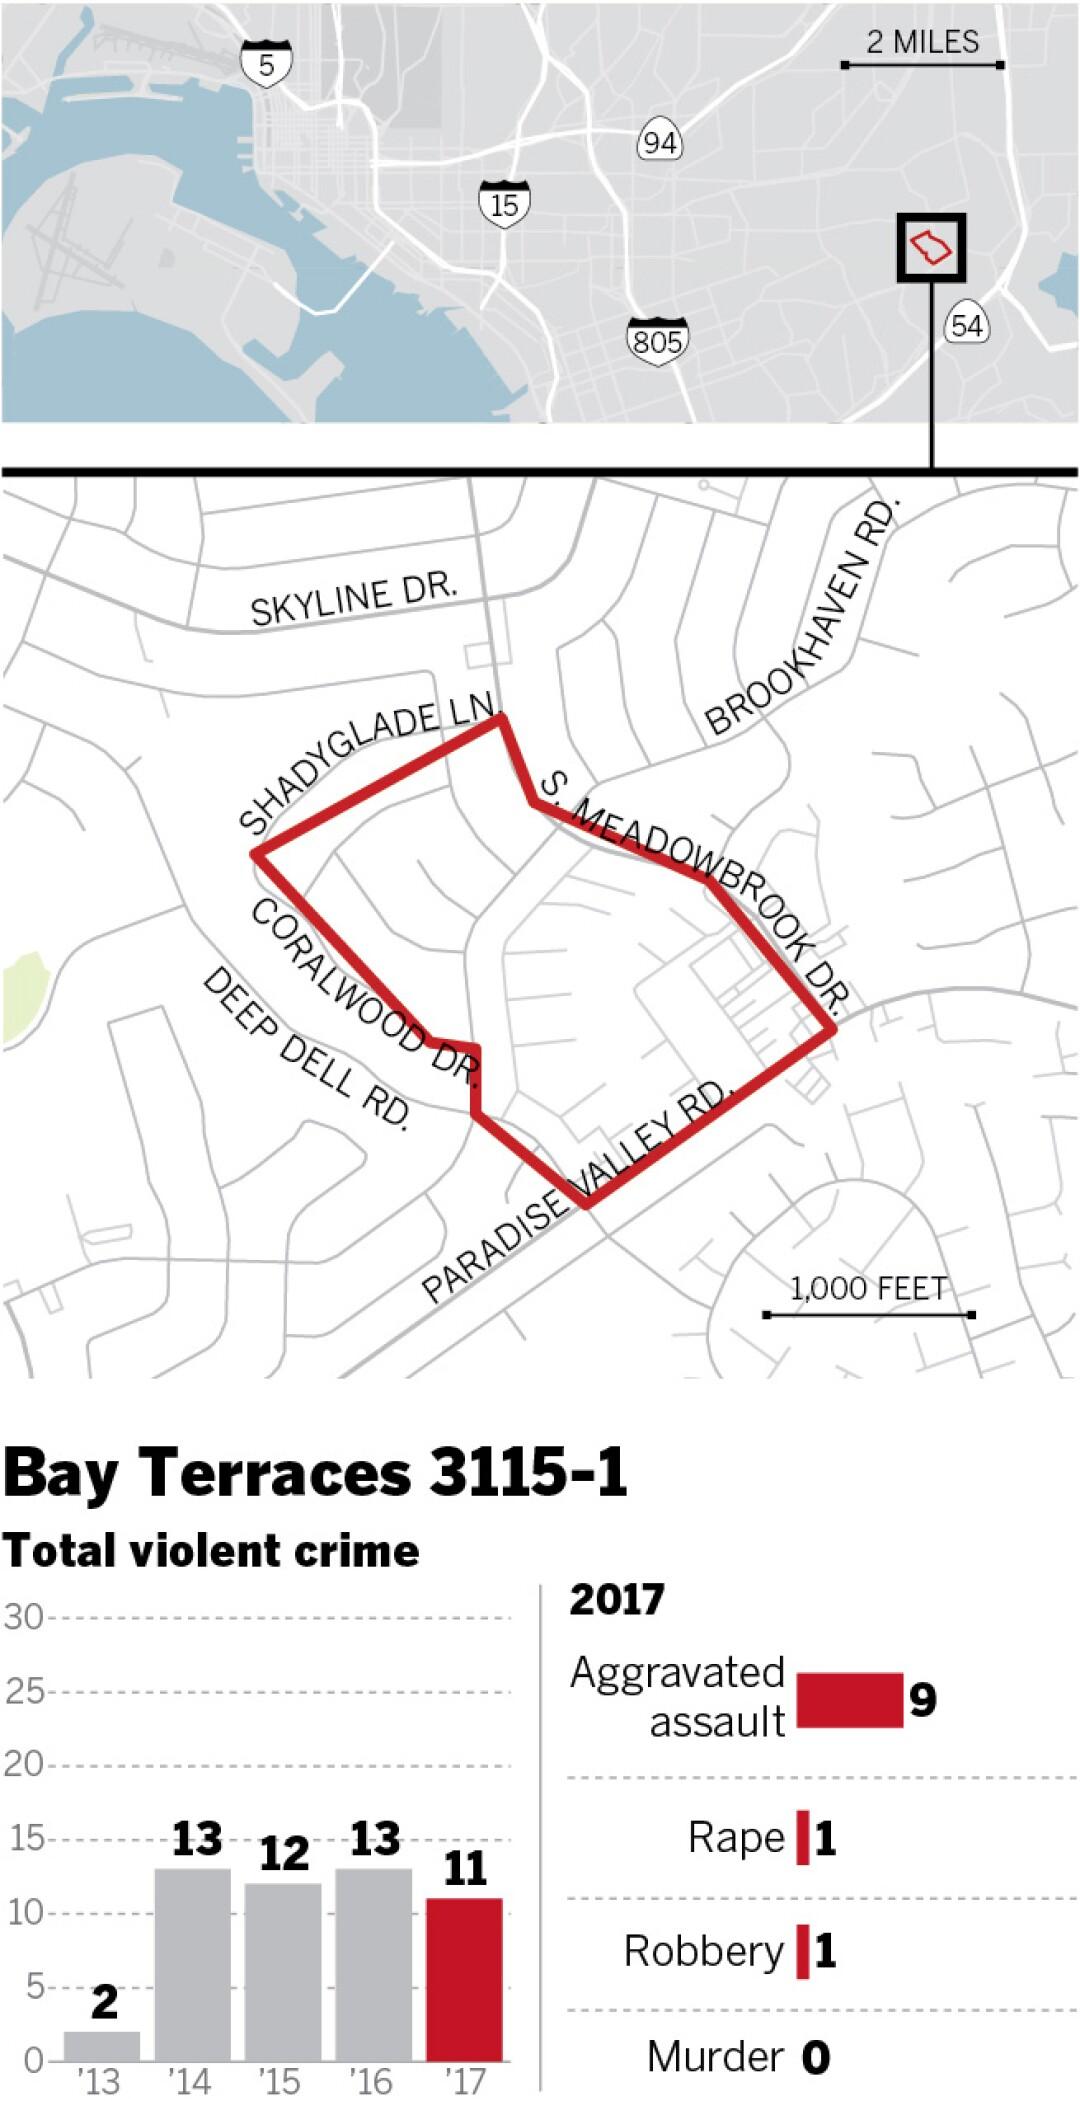 sd-id-g-neighborhood-crime-bay-terracesWEB-01.jpg